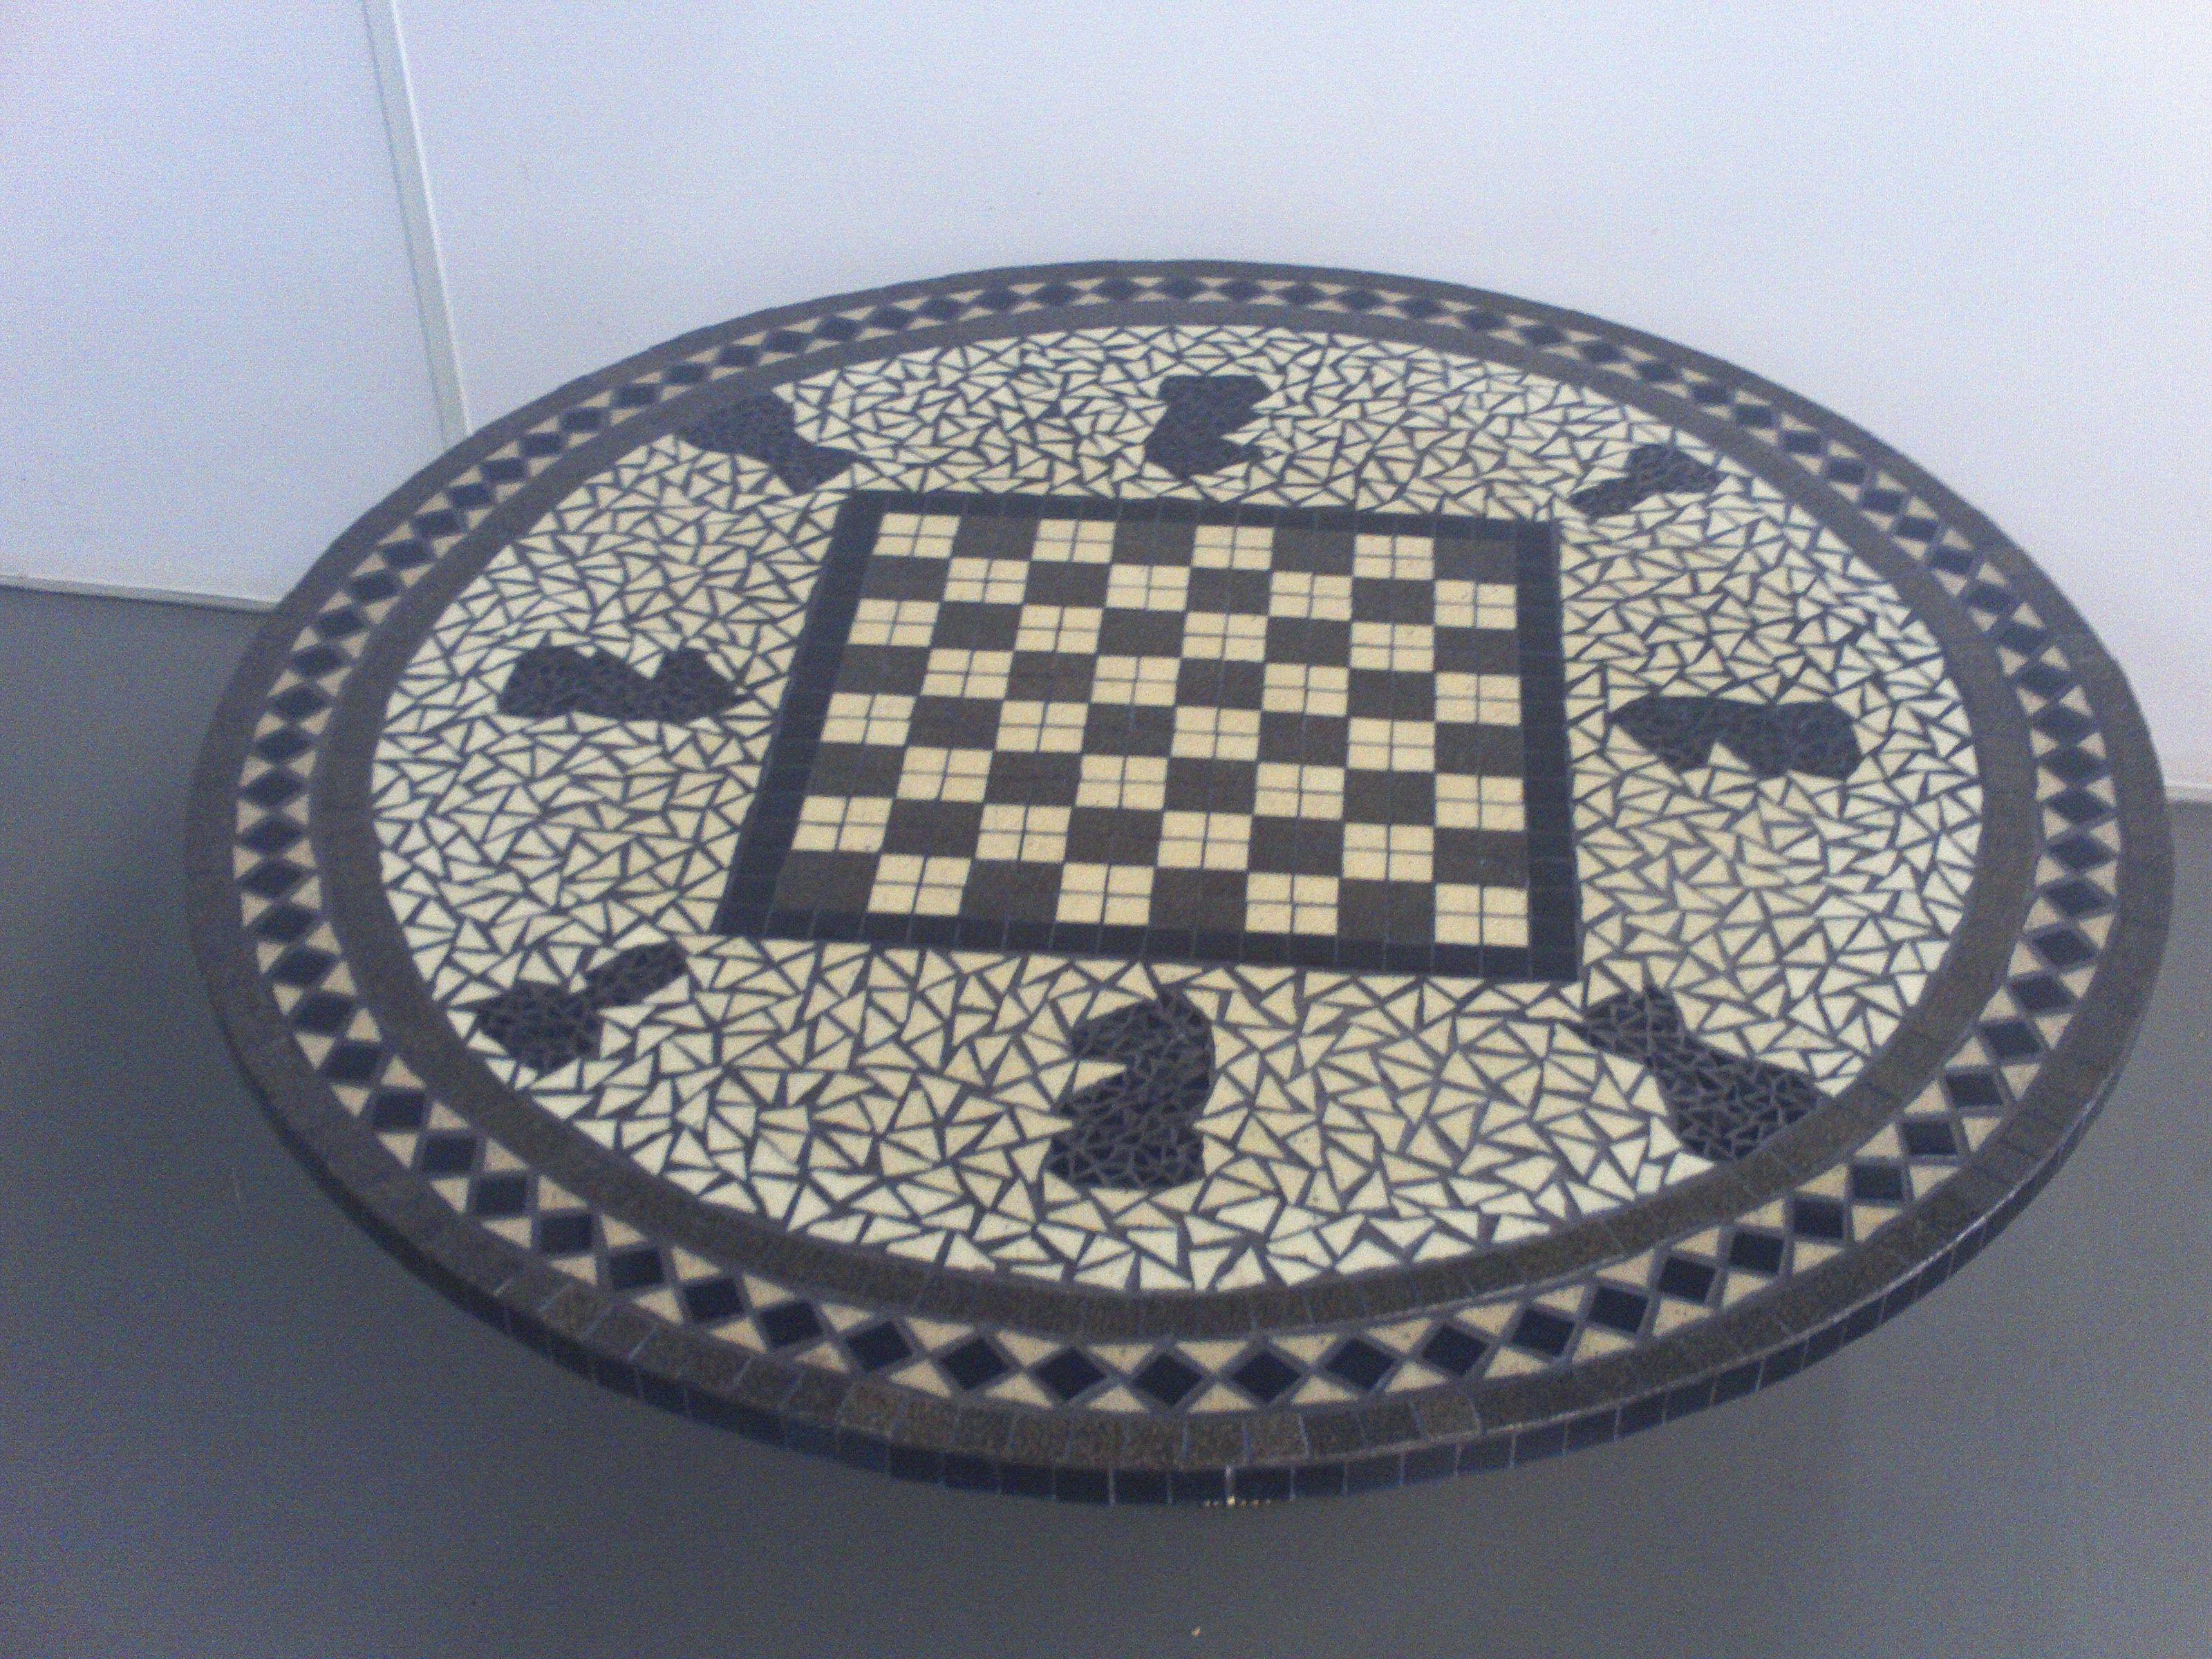 Tampo de mesa em mosaico de pastilhas de azulejo tabuleiro for Mesas de mosaico